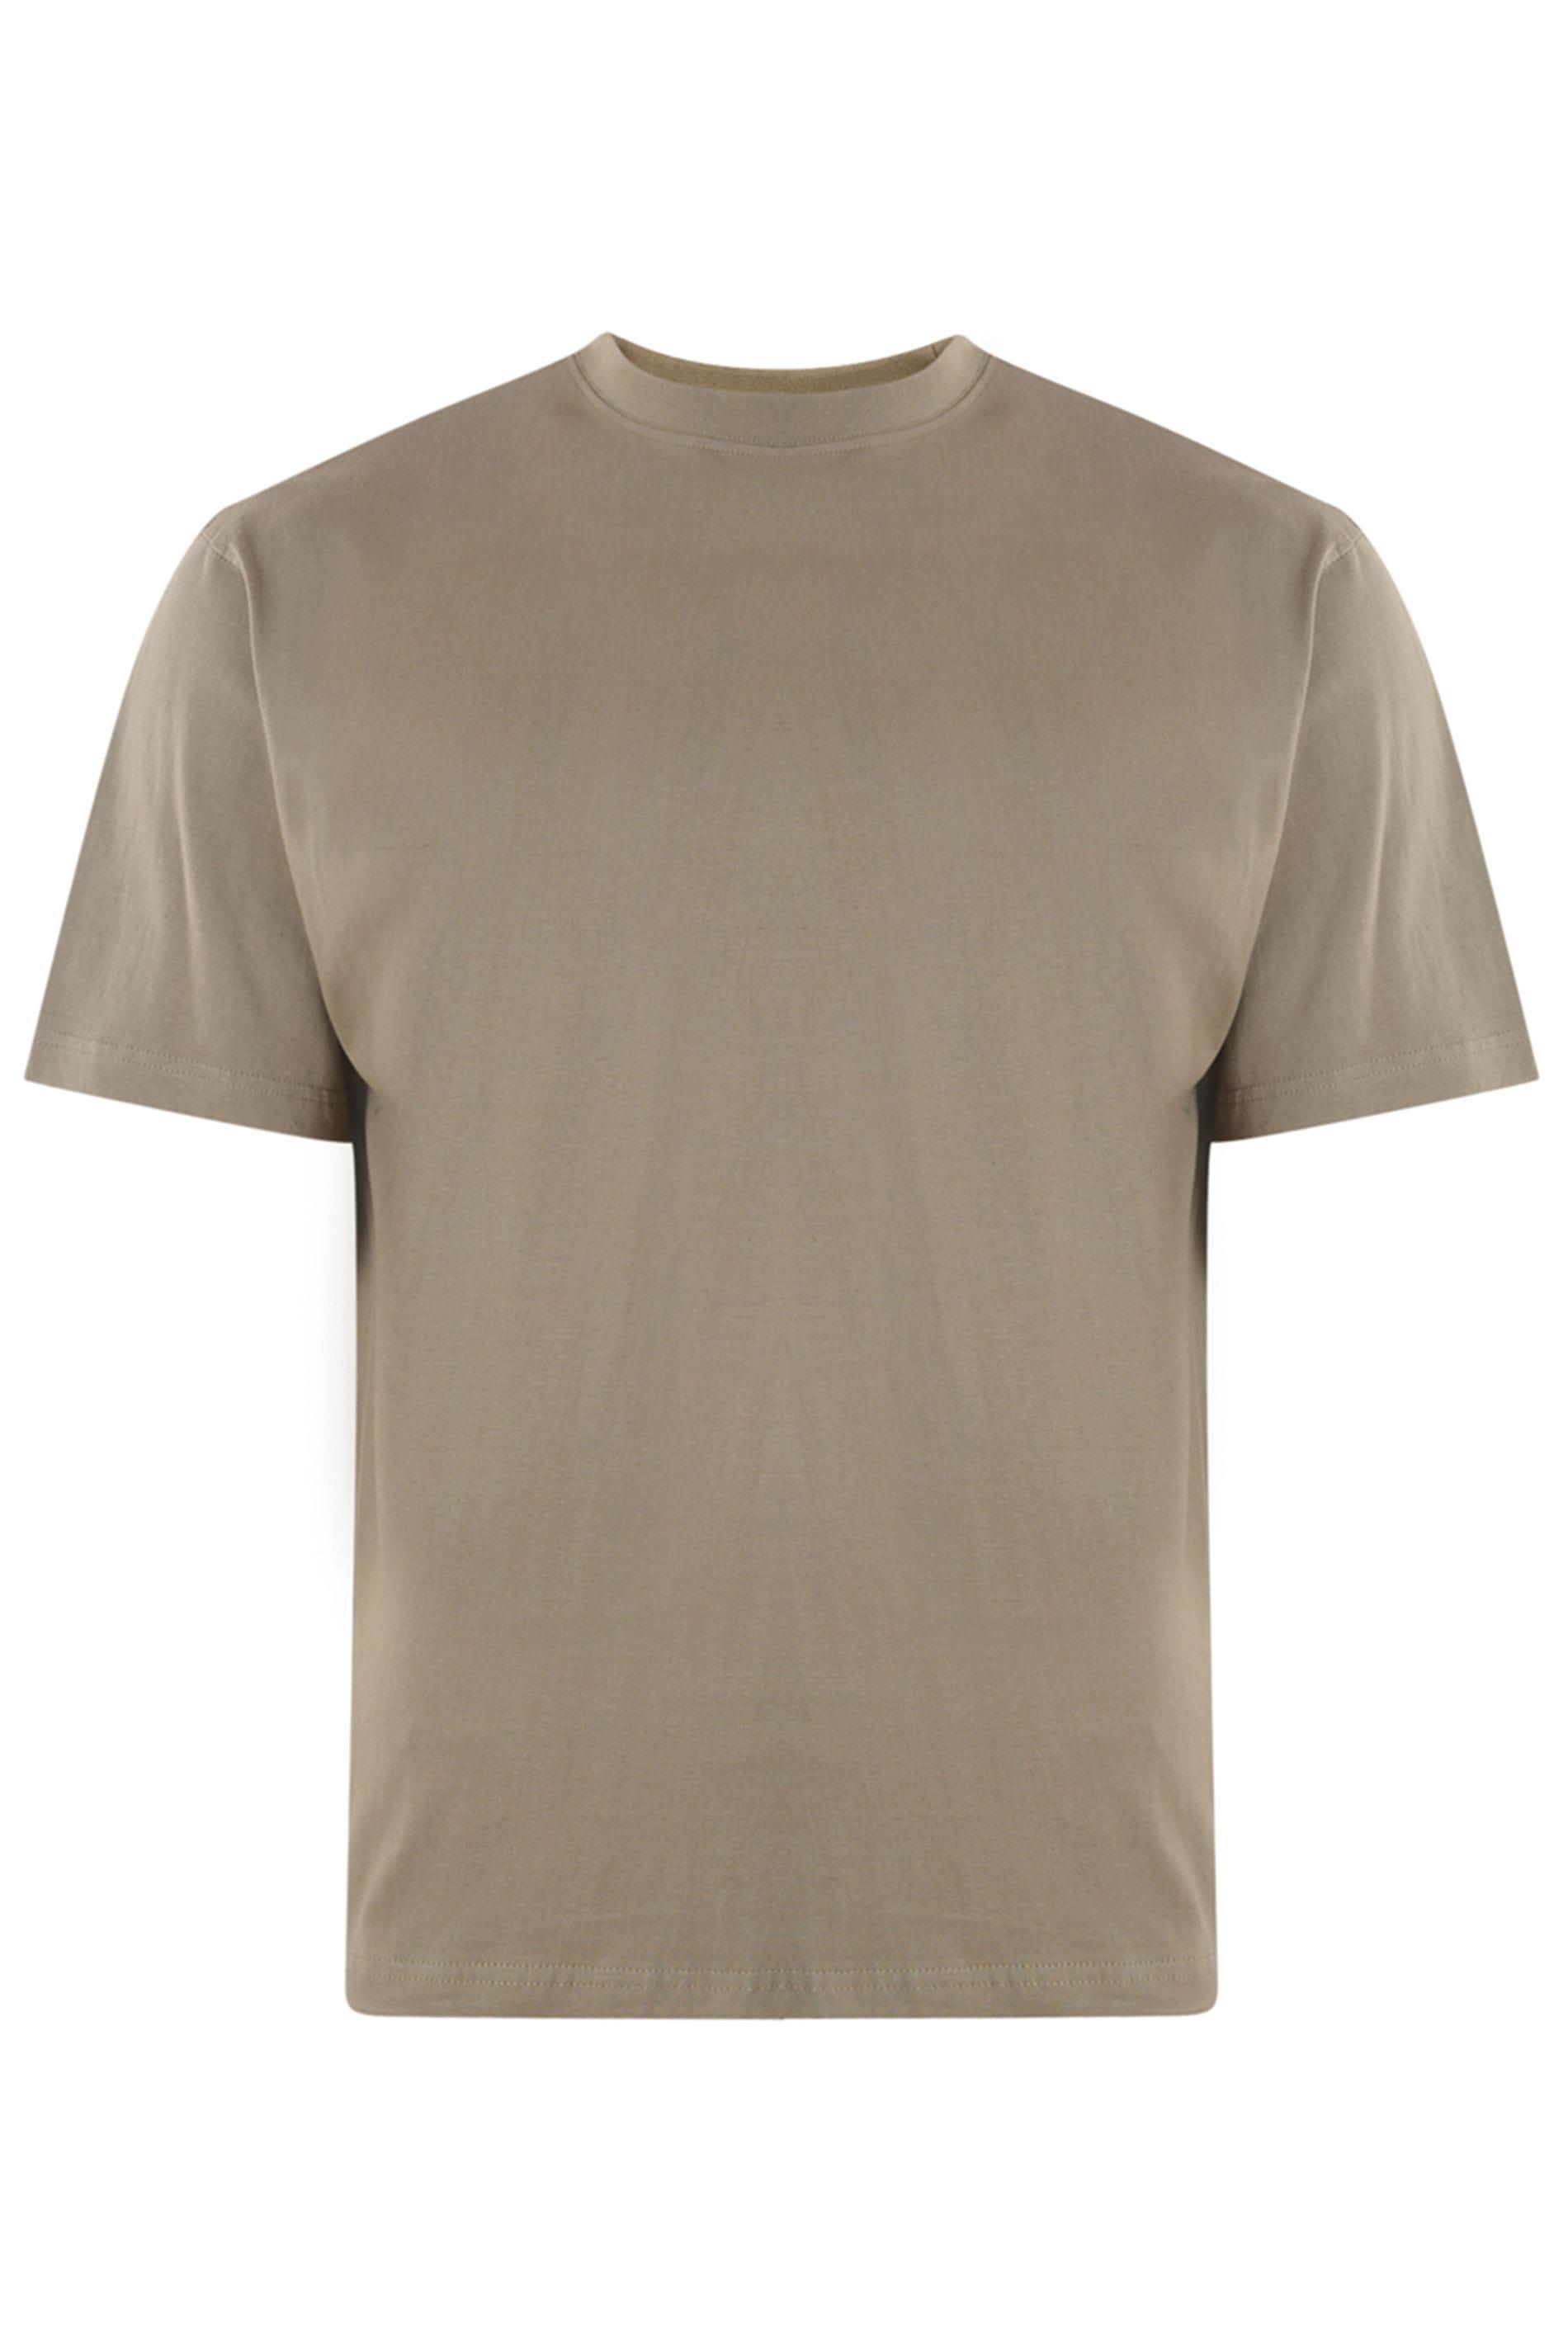 KAM Taupe Plain T-Shirt